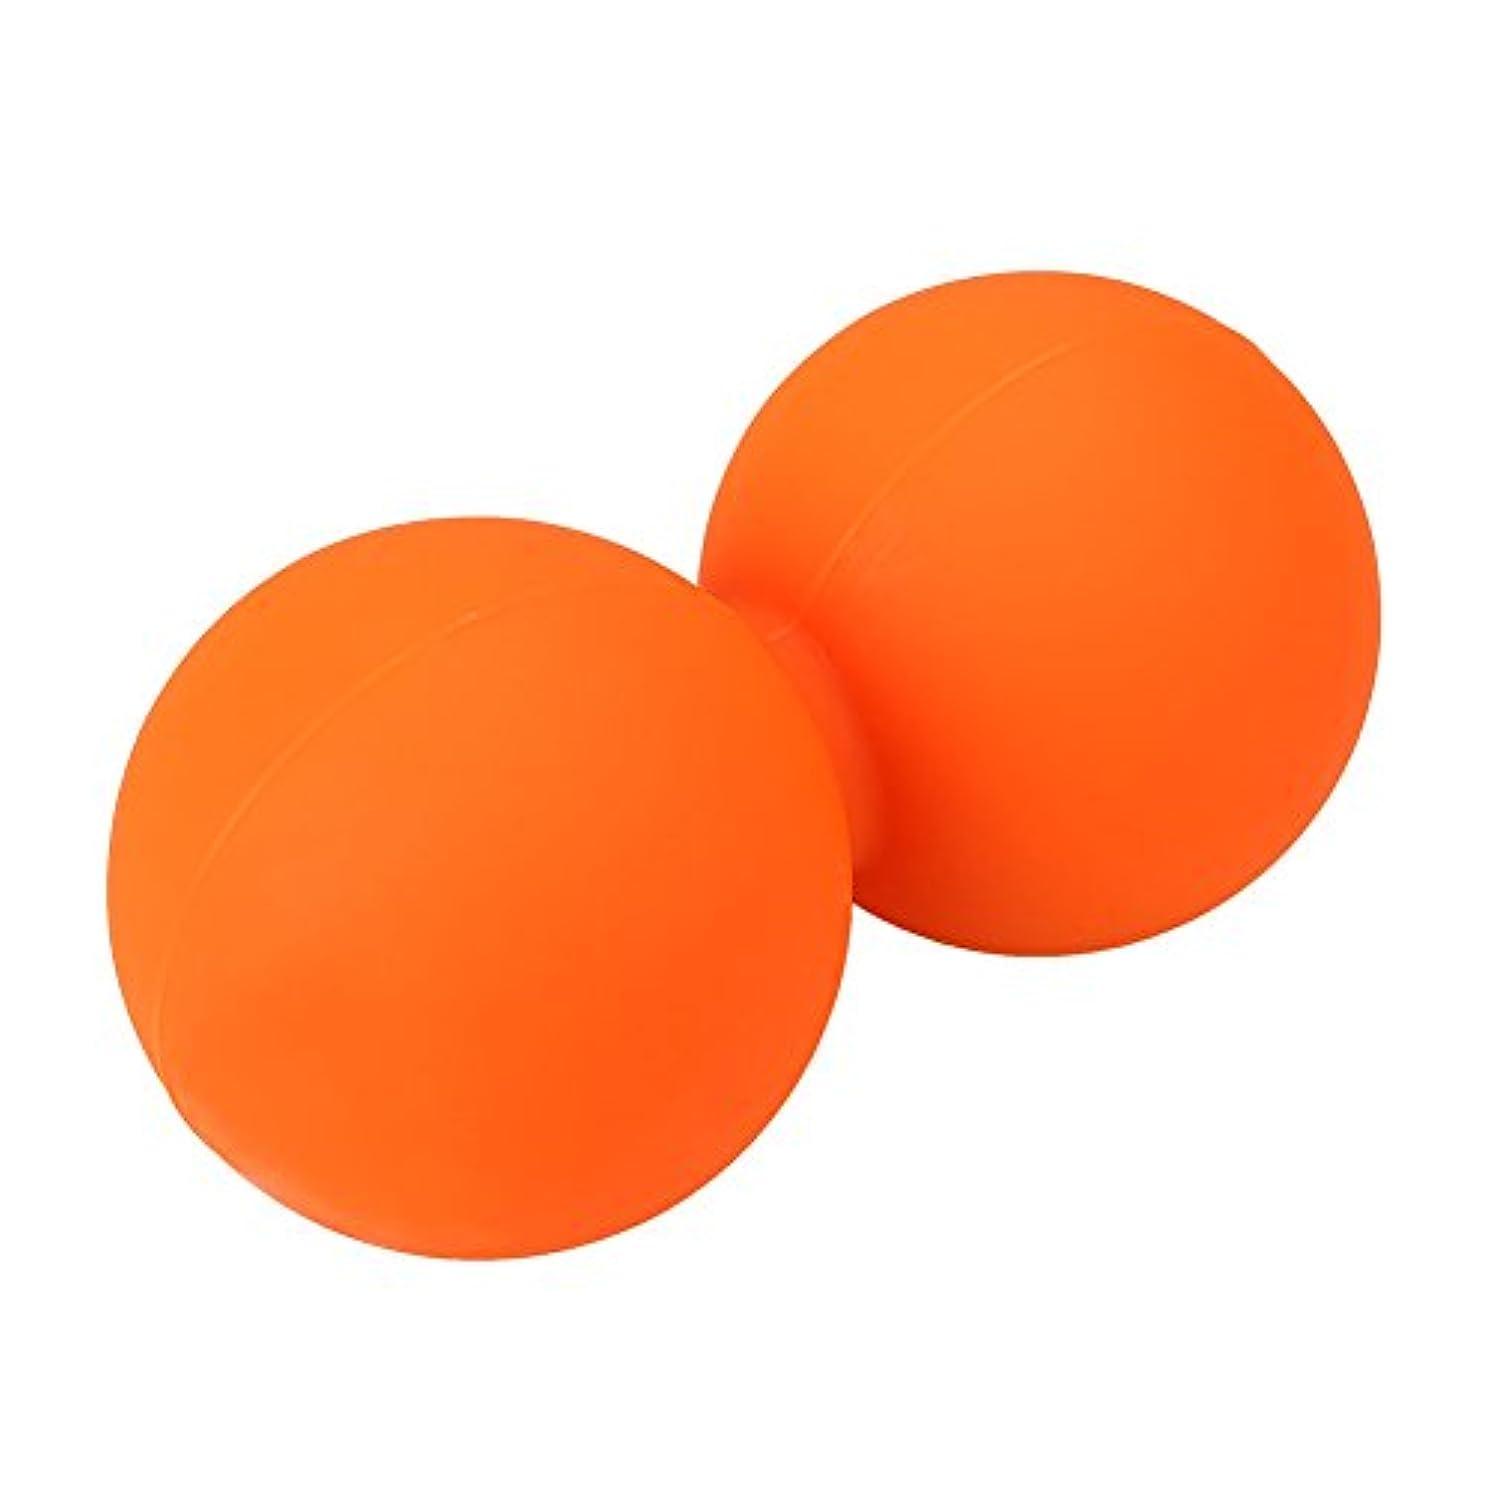 からかう容器独裁者wlgreatsp ダブルラクロスMyofascialトリガーポイントリリースマッサージクロスボールエクササイズ